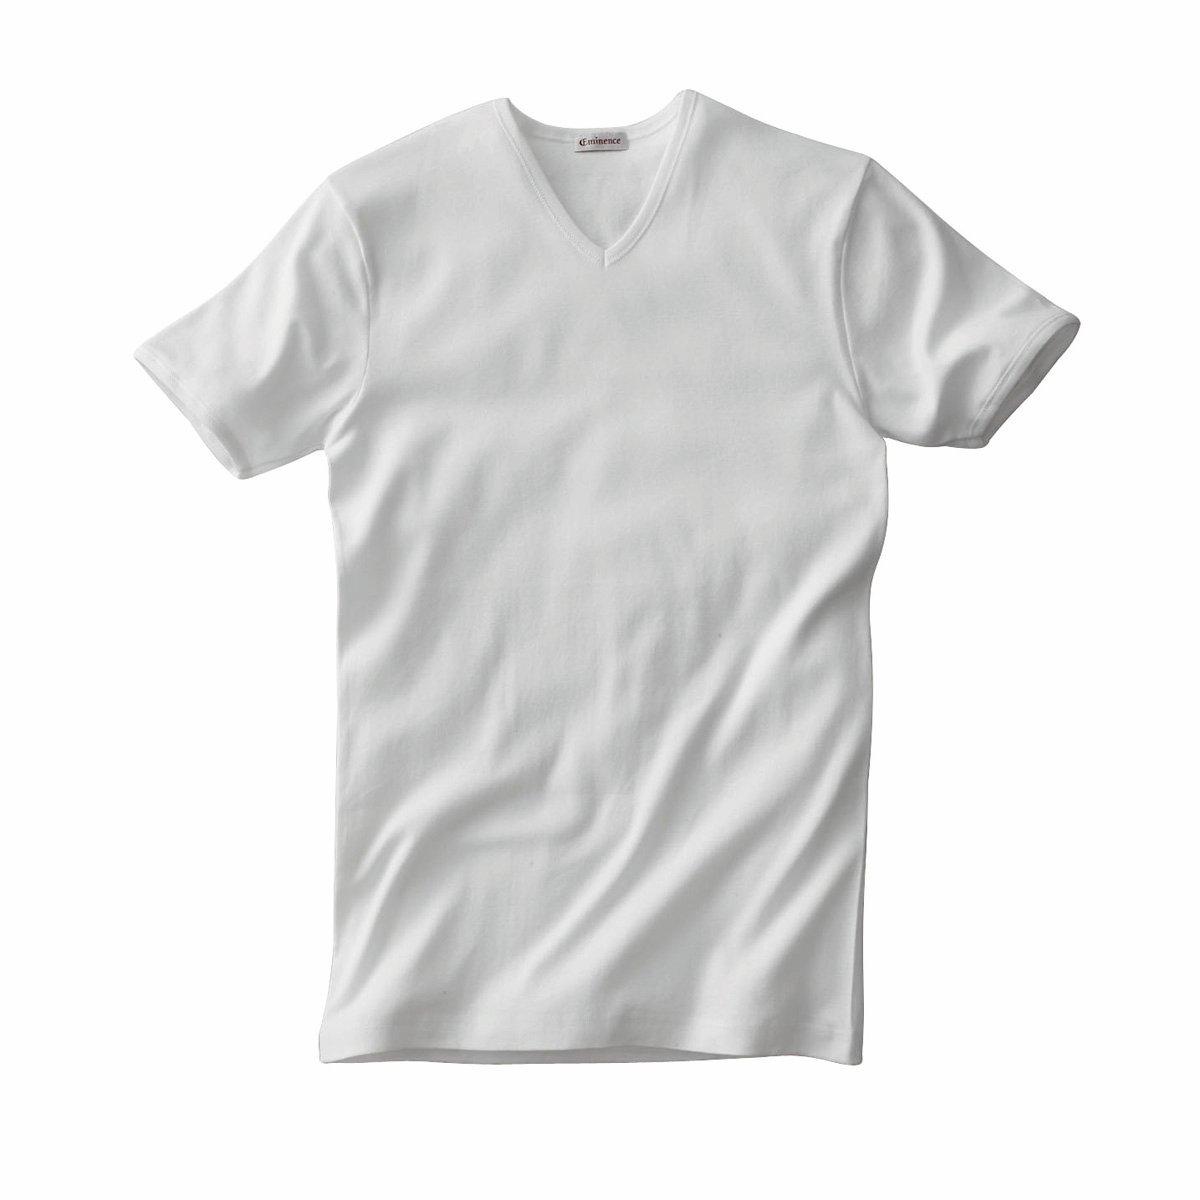 2 футболка EMINENCE с V-образным вырезом и короткими рукавами2 футболка EMINENCE из трикотажа в тонкий рубчик, 100% гипоаллергенного хлопка. V-образный вырез и короткие рукава : приятный материал, минимальный риск аллергии. Ультракомфортная футболка ! Края связаны в рубчик.     В комплекте 2 футболки одного цвета.<br><br>Цвет: белый